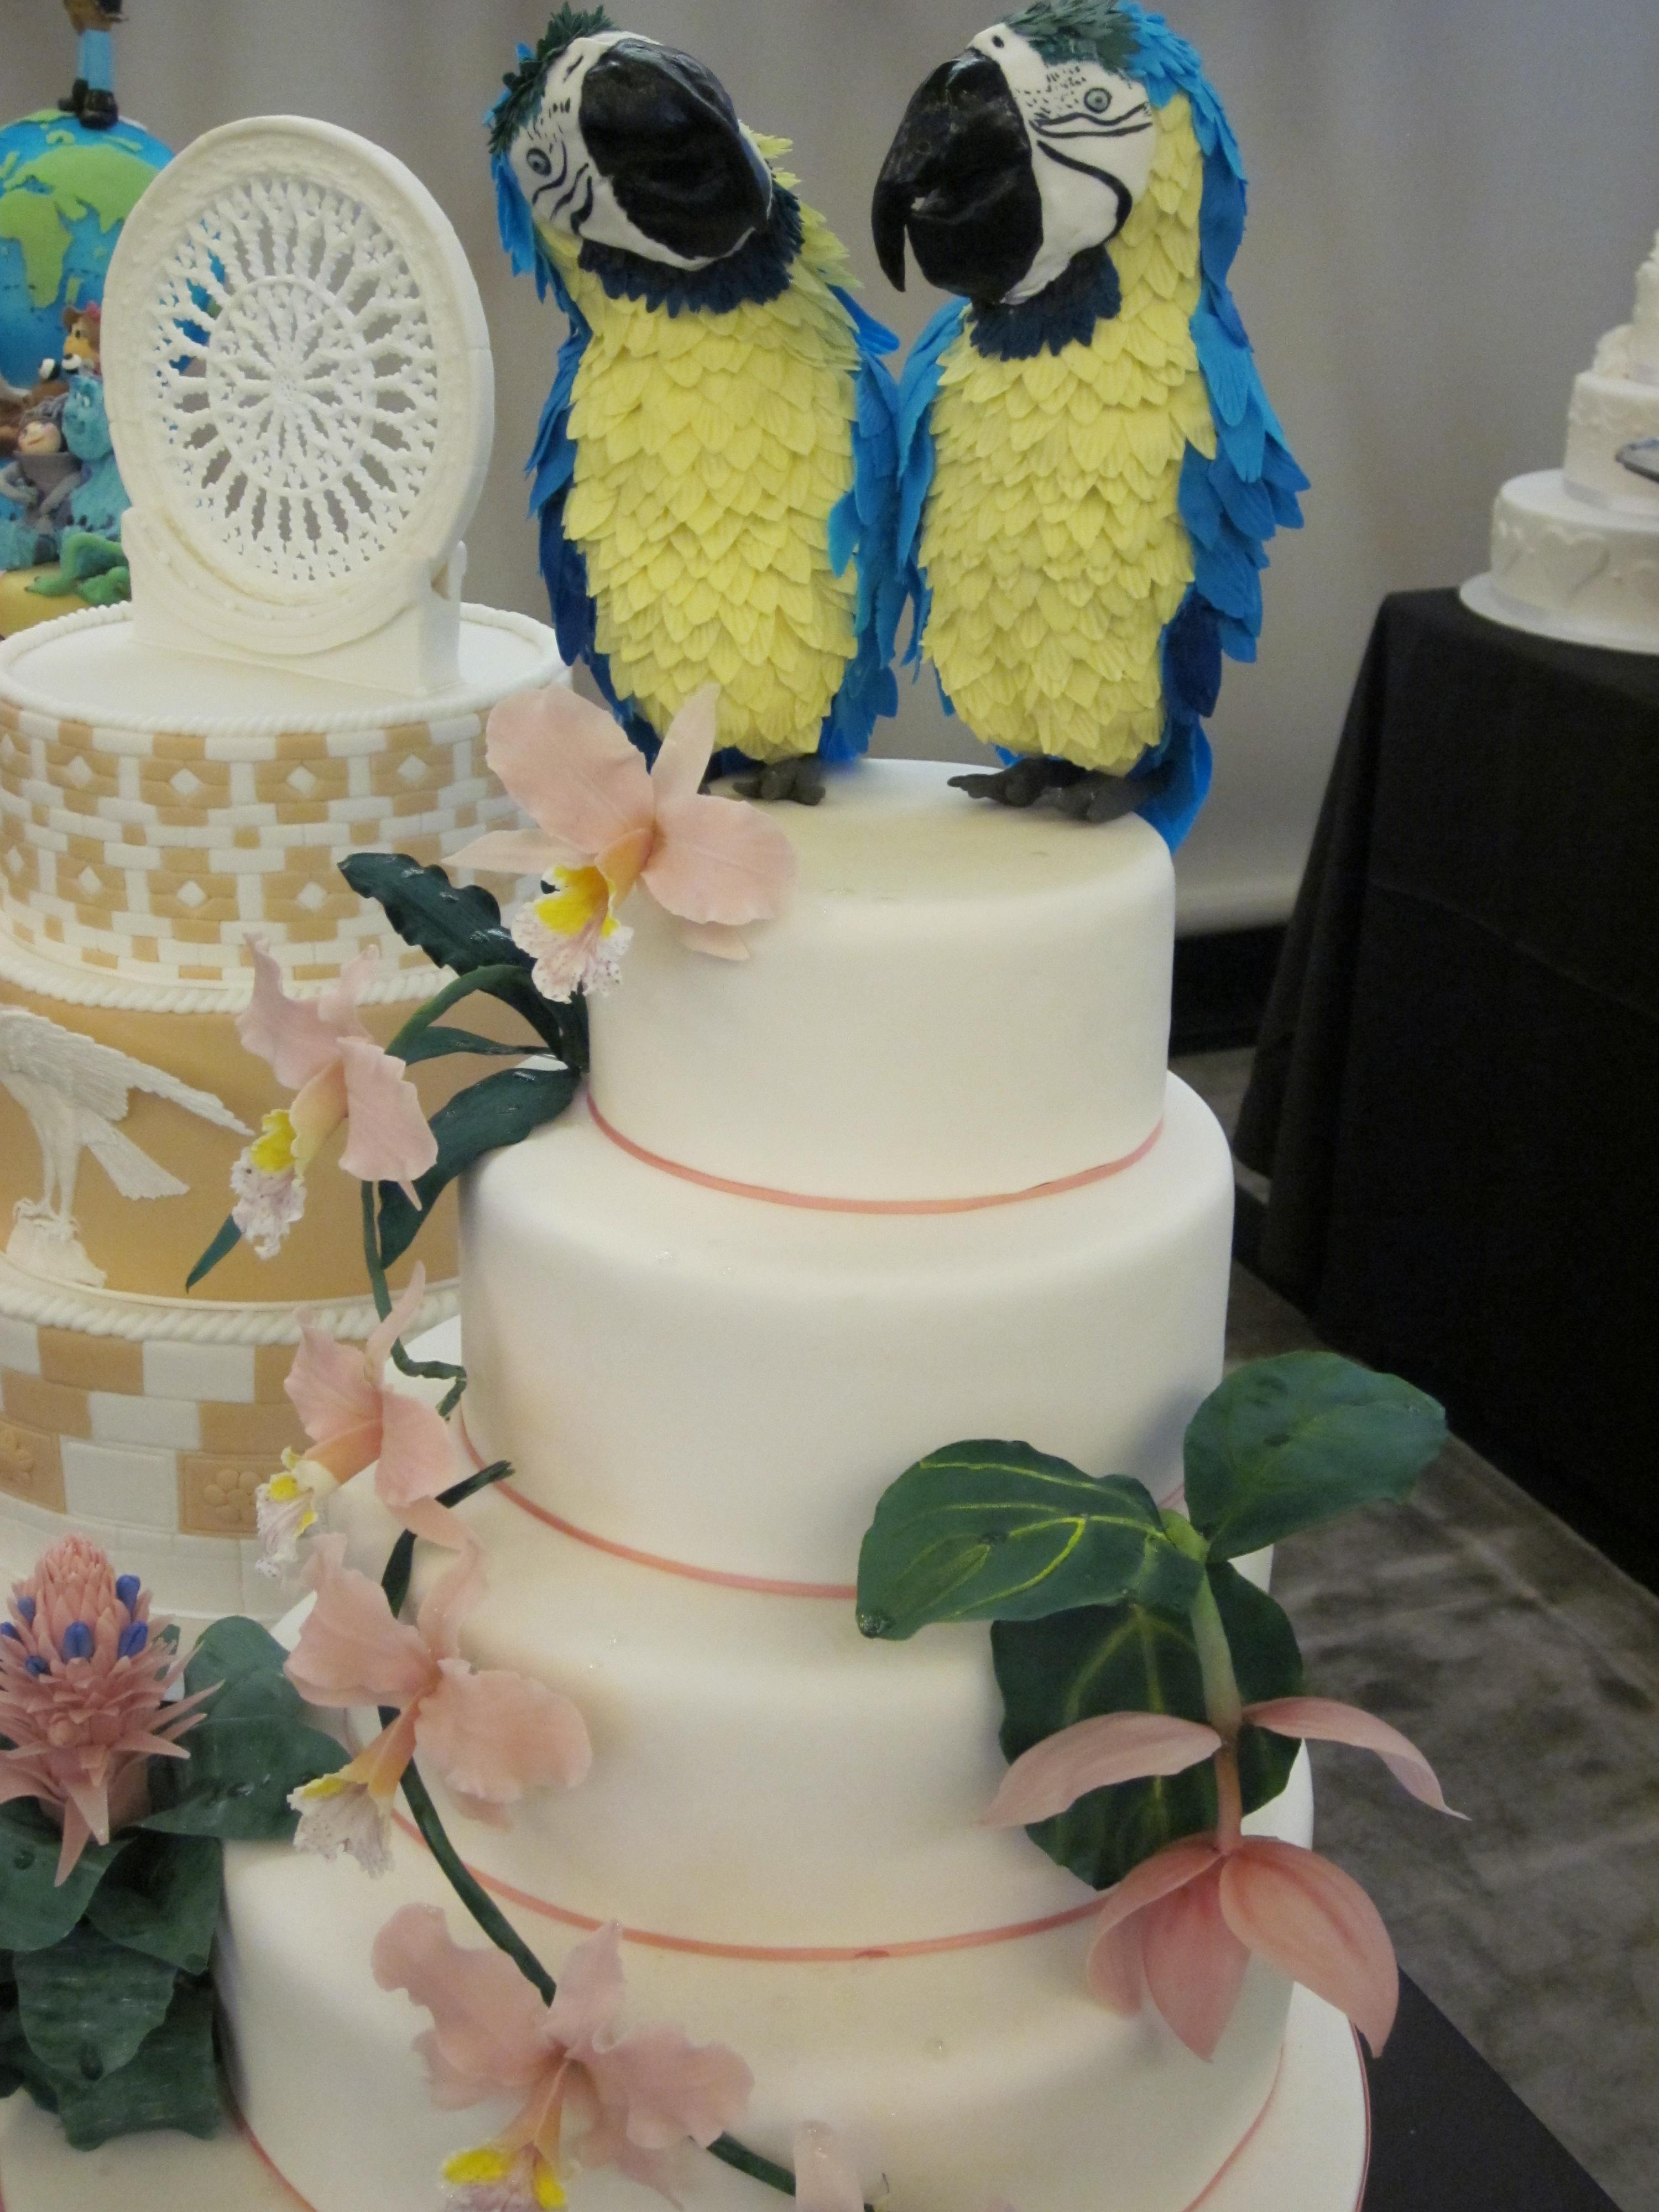 Torta Cake Design Milano :   Pagina non trovata.